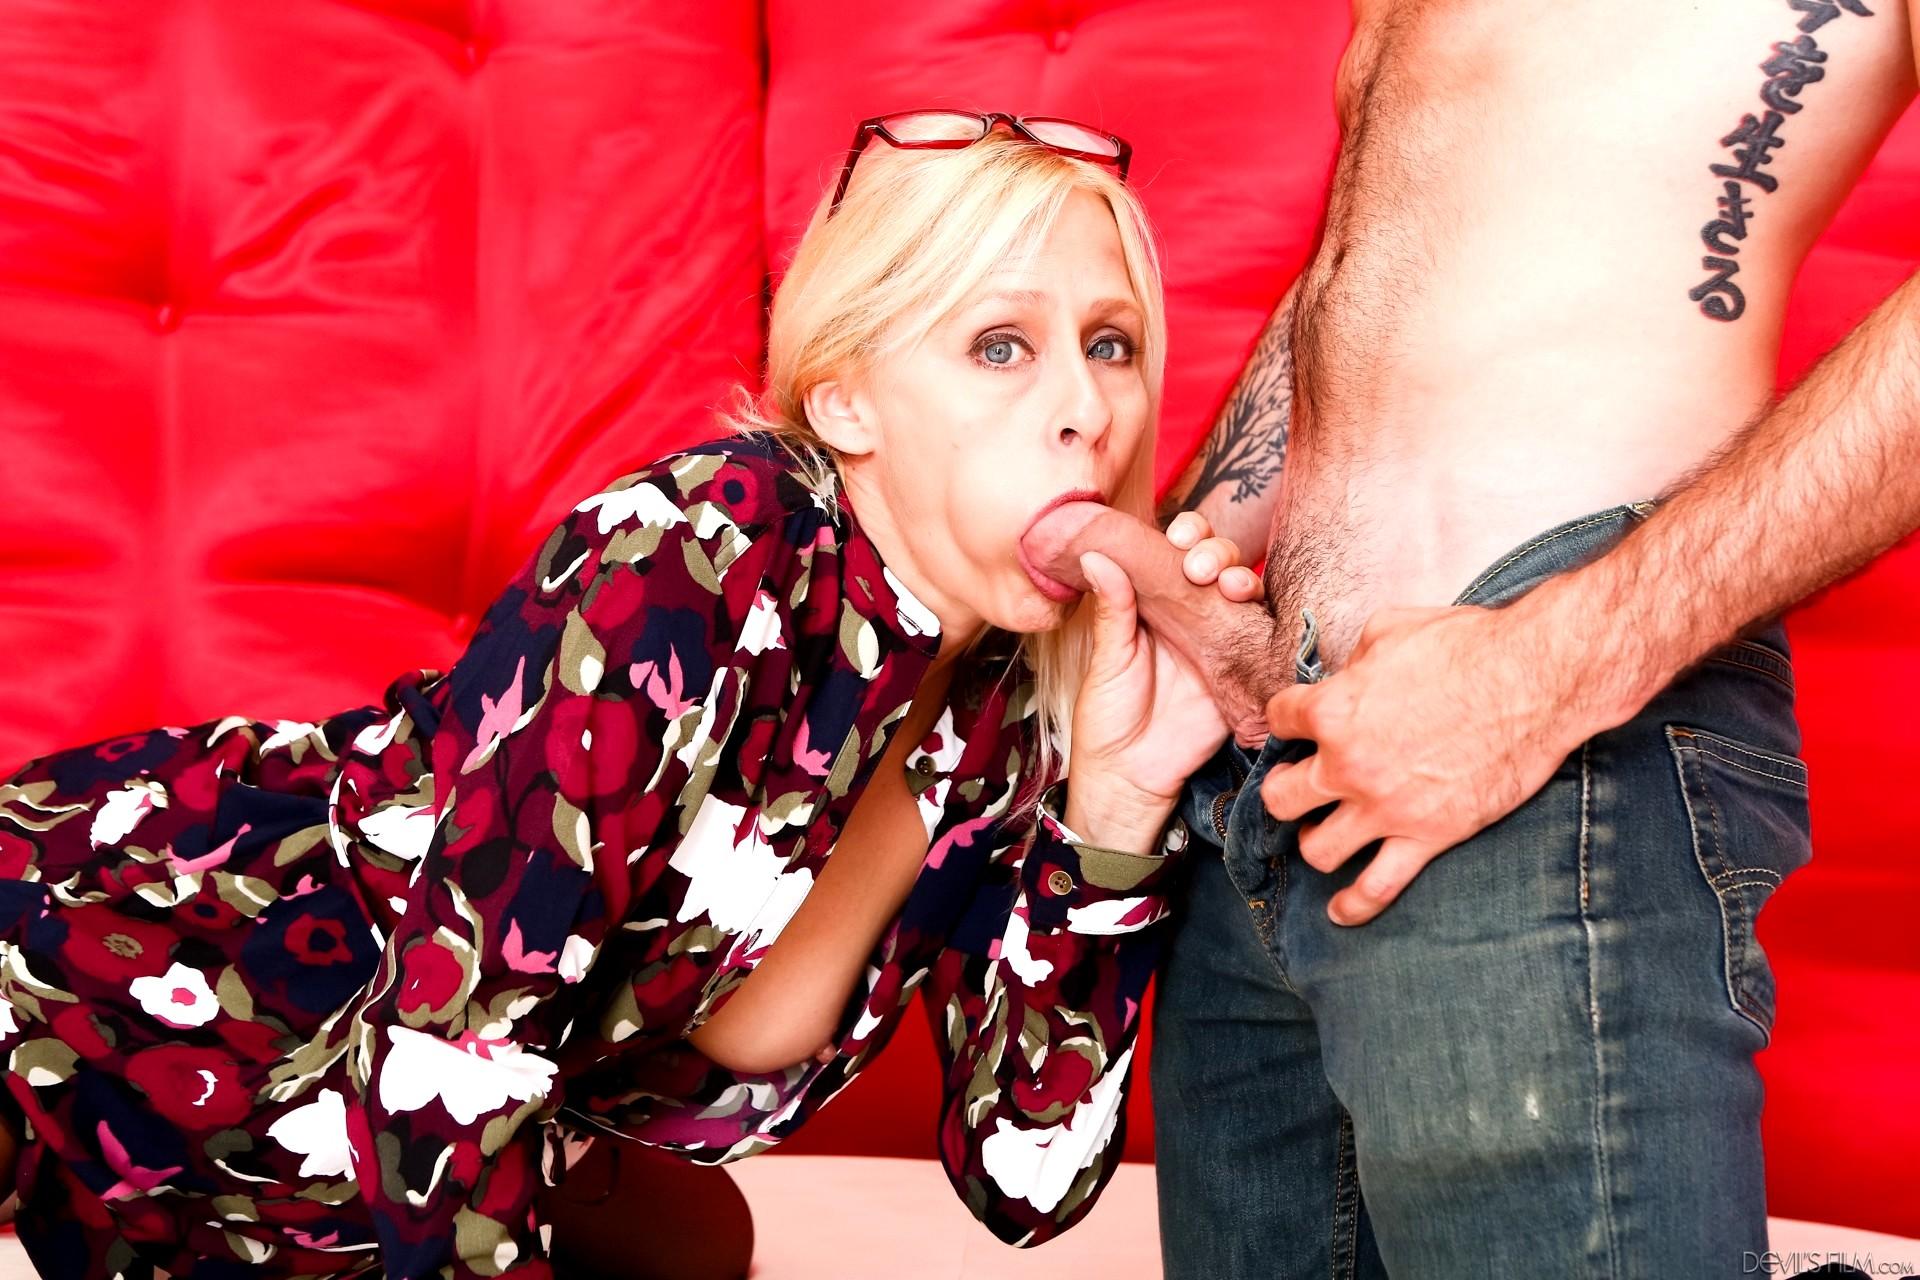 Payton Leigh Najdi Hd divizijo Sex Hd Pics-1649